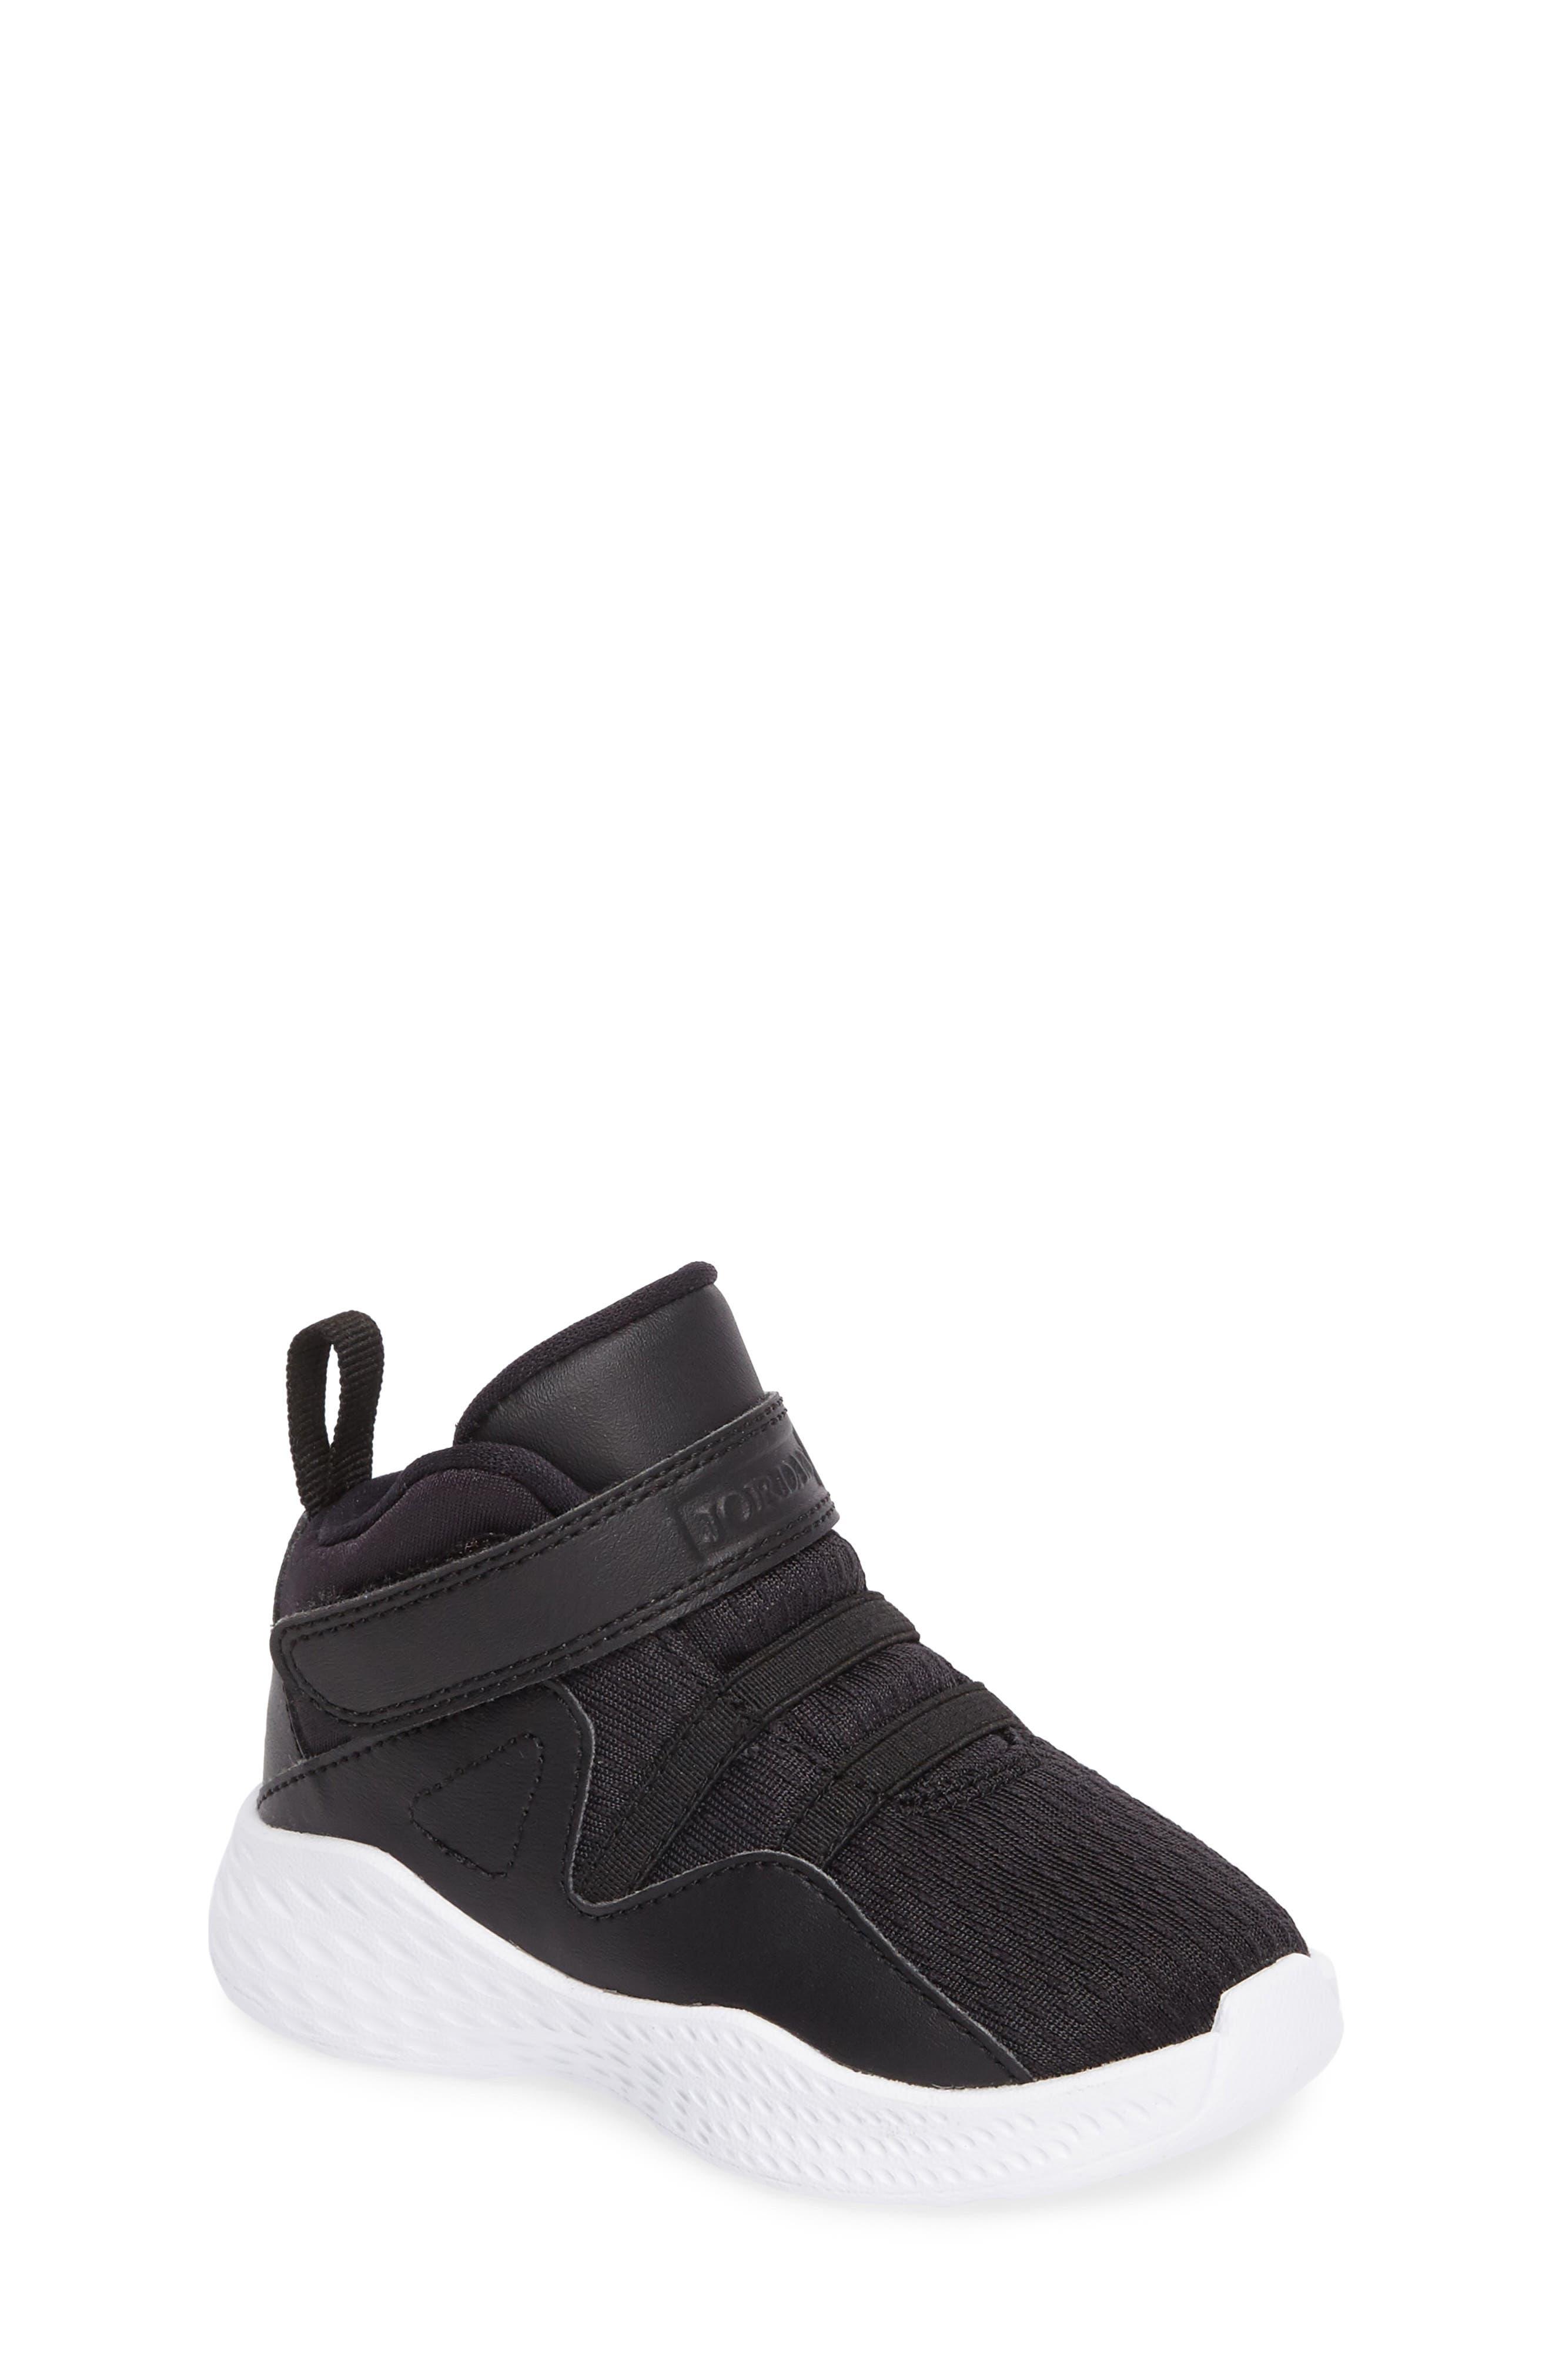 Main Image - Nike Jordan Formula 23 Basketball Shoe (Baby, Walker & Toddler)